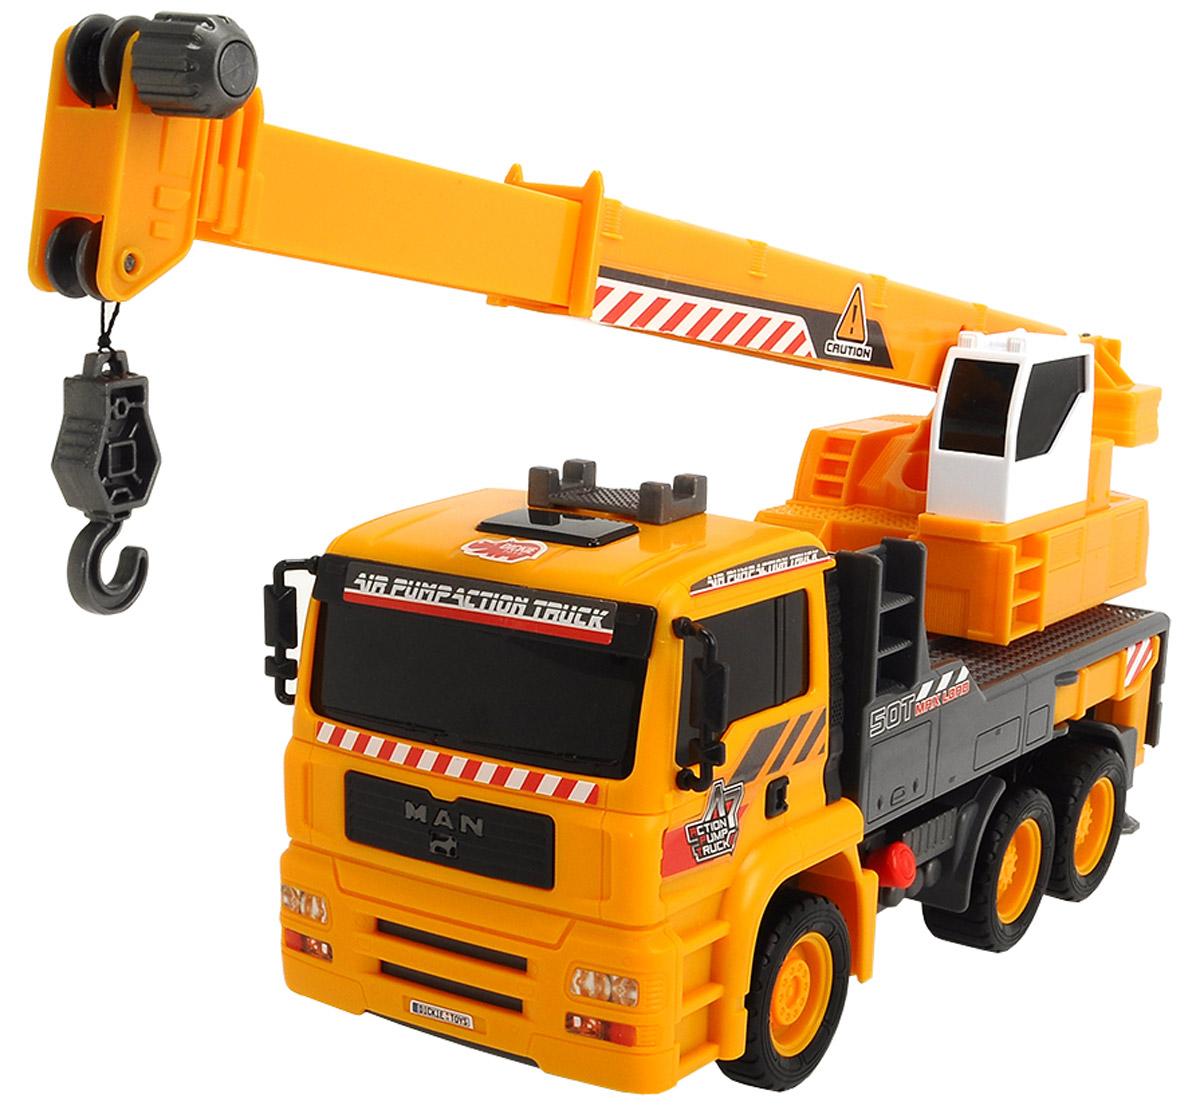 Dickie Toys Автокран AirPump3806003Автокран Dickie Toys AirPump - интересная машина для ребенка, который увлекается игровой спецтехникой. Машина имеет свободный ход движения, поворотную башню крана. При нажатии на красную кнопку, расположенную рядом с кабиной водителя, стрела крана начинает подниматься-опускаться. Сама кабина, в которой обычно сидит управляющий краном может двигаться в разные стороны. С автокраном Dickie Toys AirPump ваш ребенок сможет развернуть настоящую строительную площадку. Играя с такой машинкой ребенок развивает фантазию, пространственное мышление и адаптируется через игру к окружающему миру.